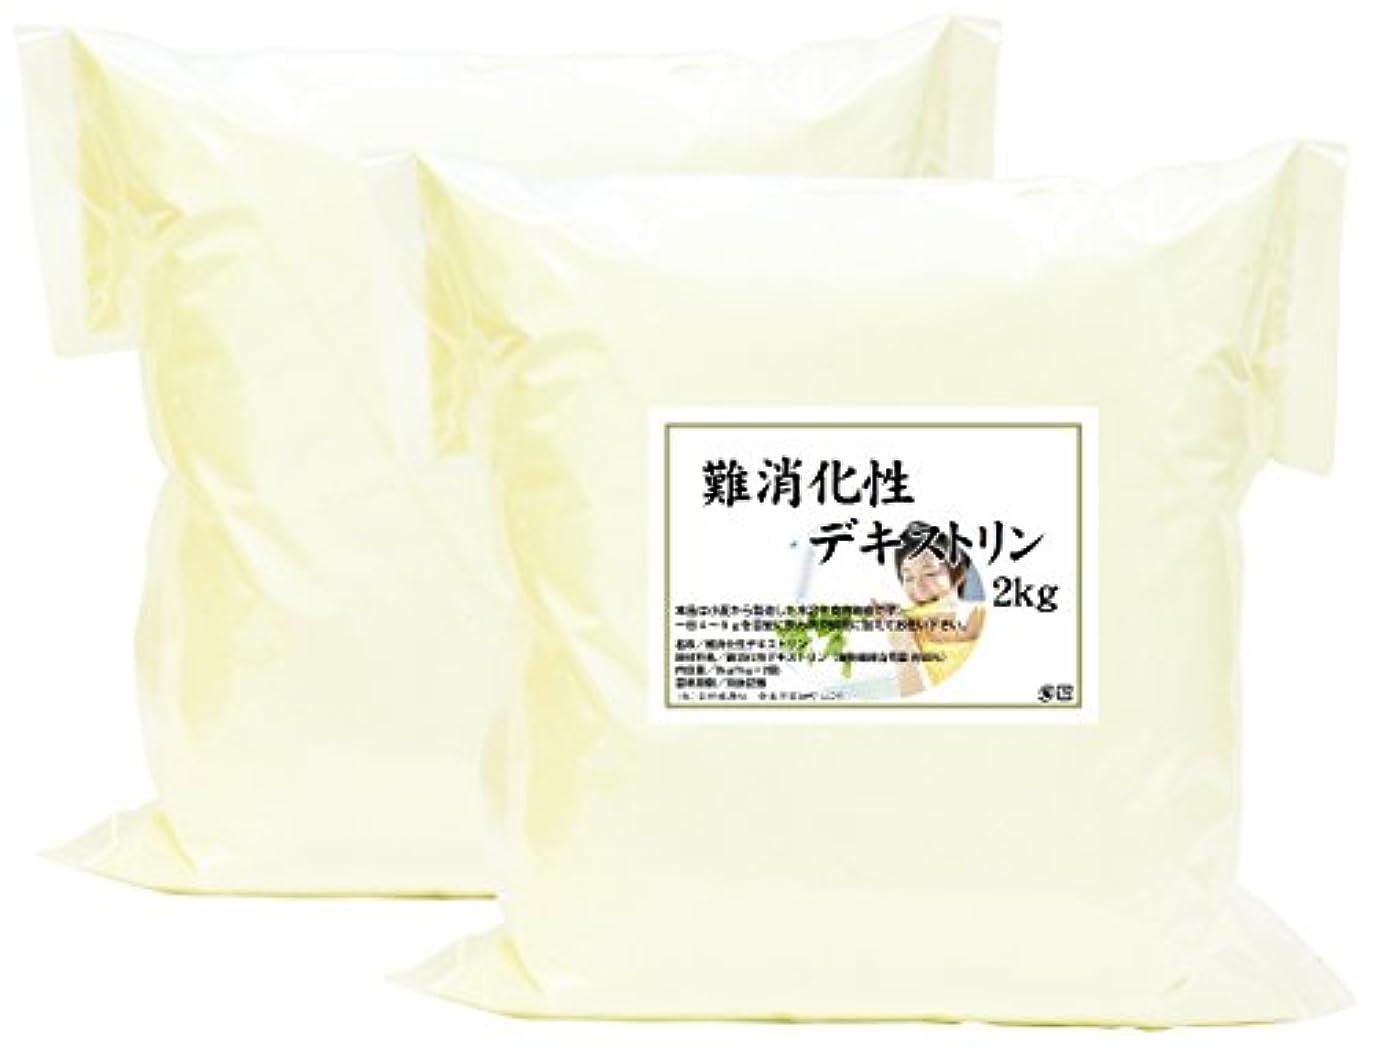 重なる紀元前初期の自然健康社 難消化性デキストリン 2kg(1kg×2袋) 密封袋入り